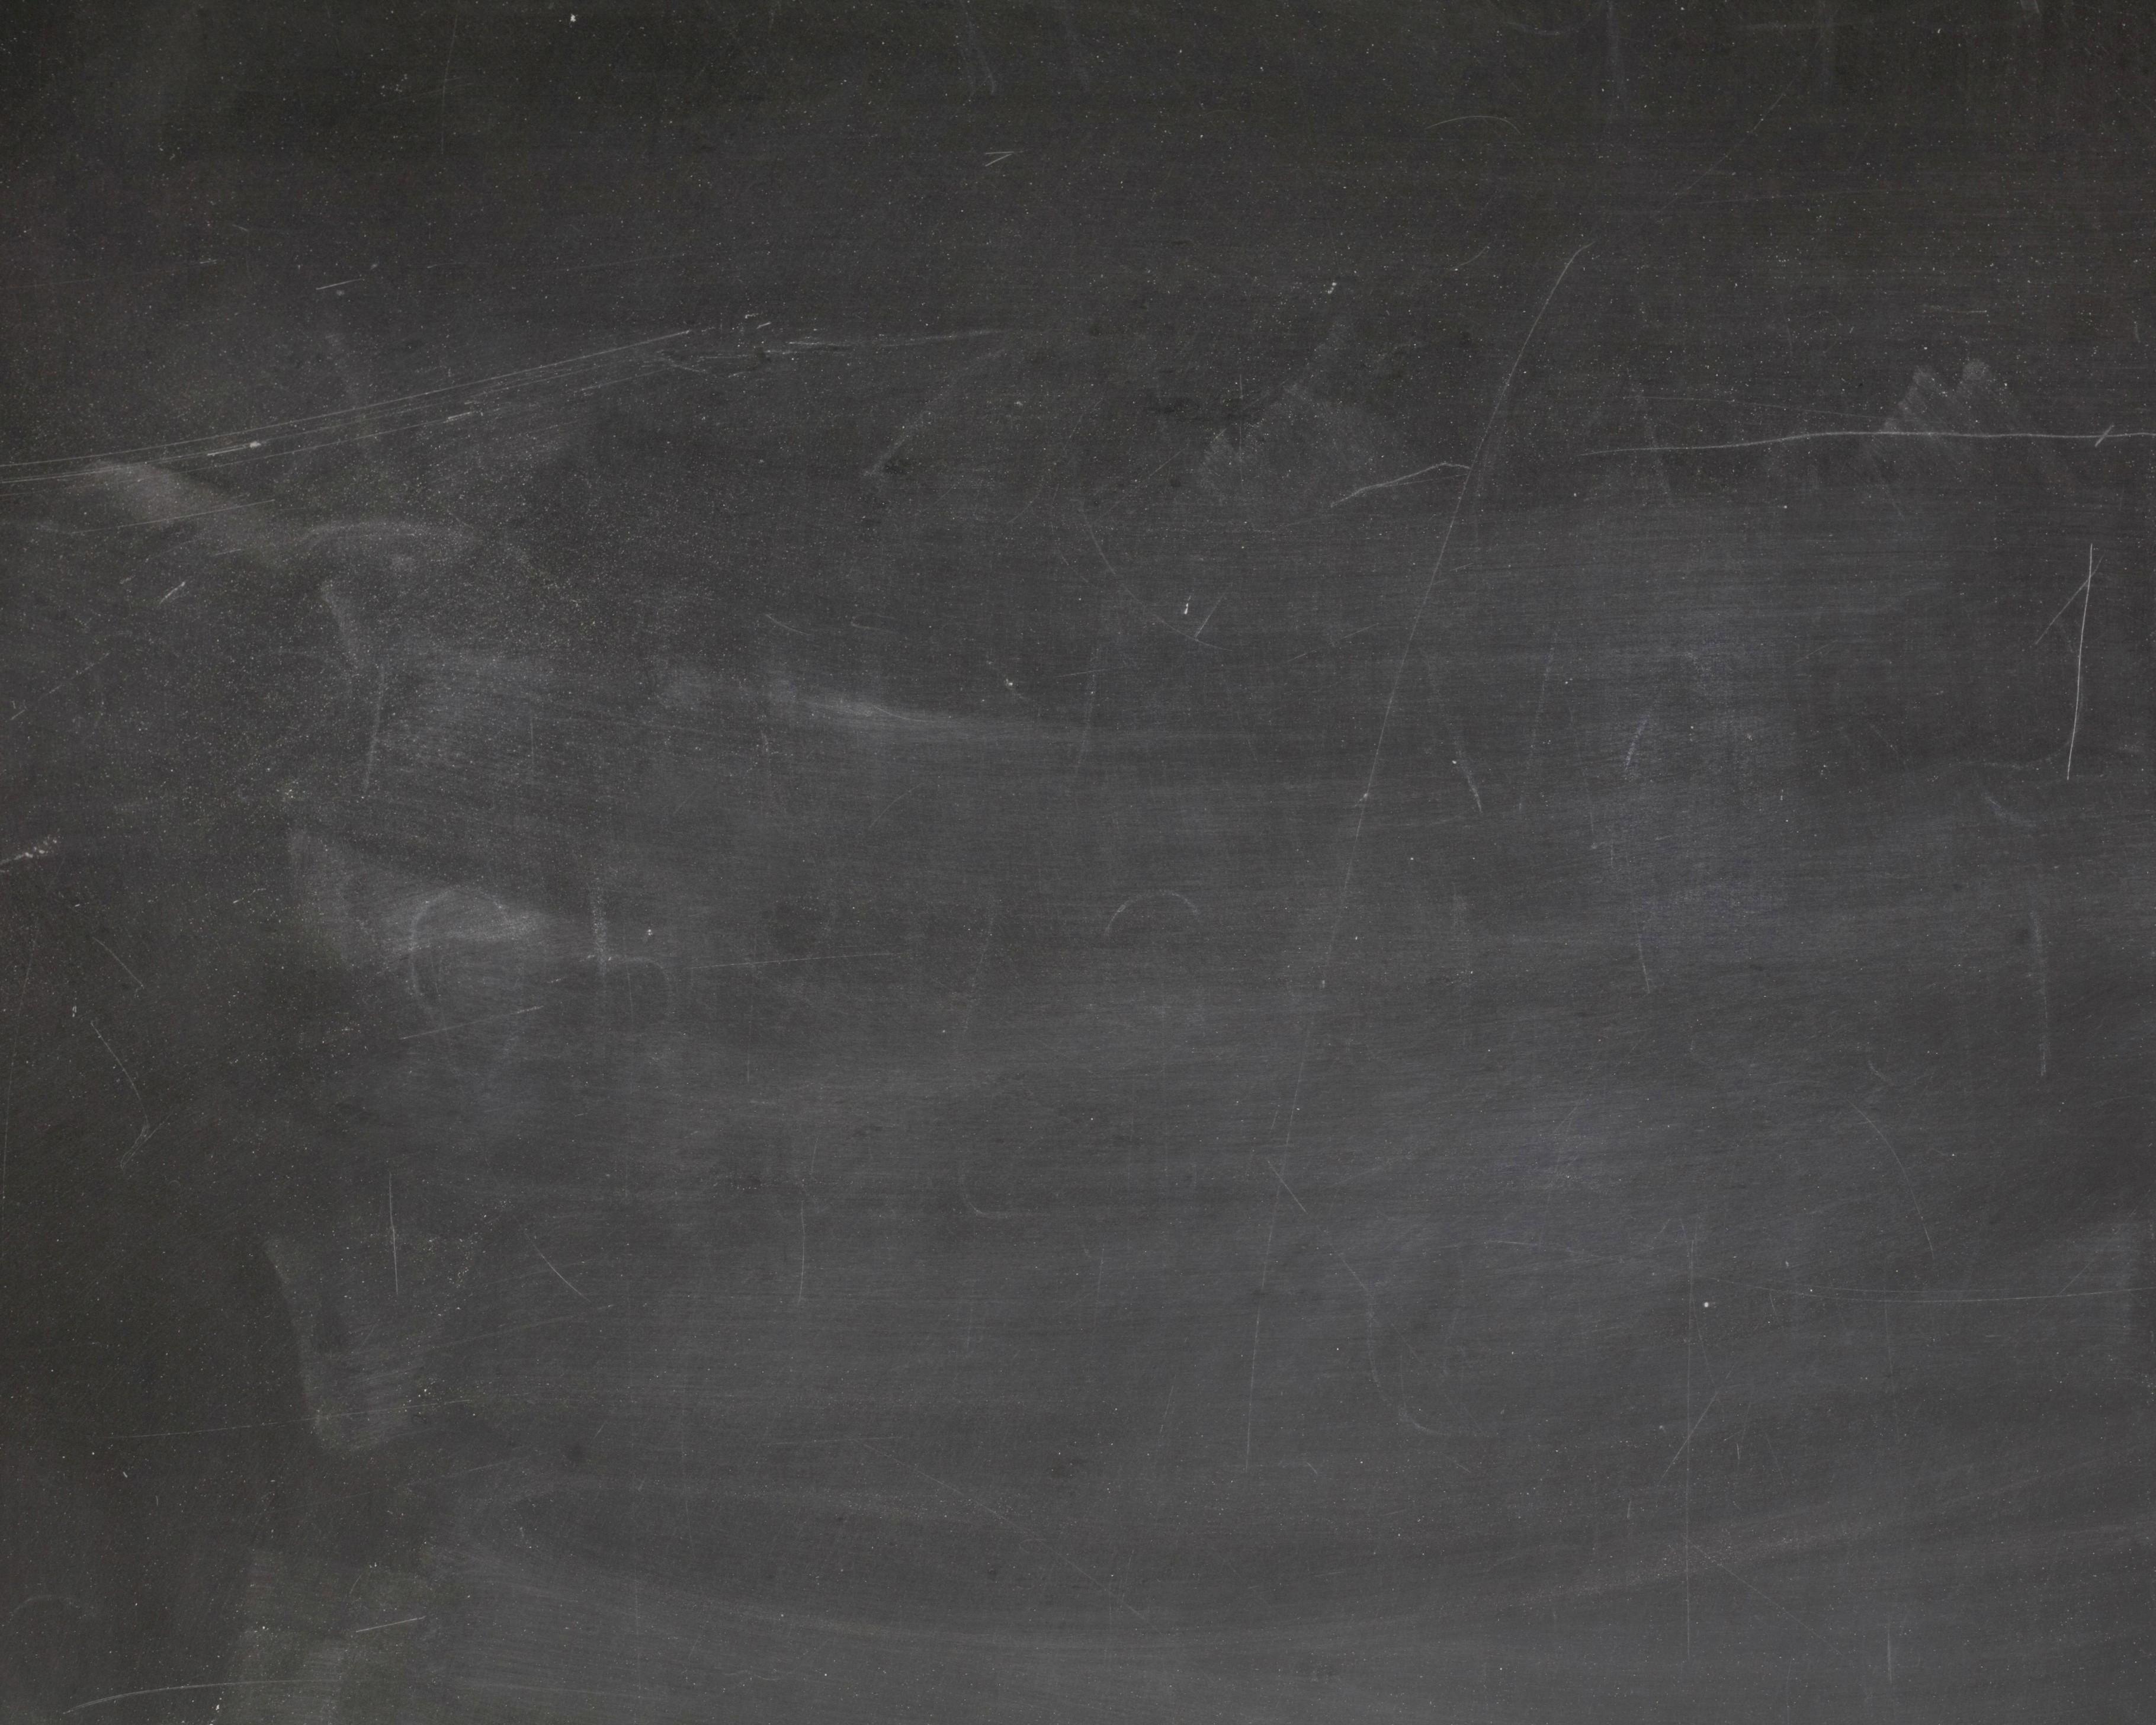 Chalkboard Powerpoint Template Free Download Best Of Green Chalkboard Background Llk Chalkboard Background Jpg